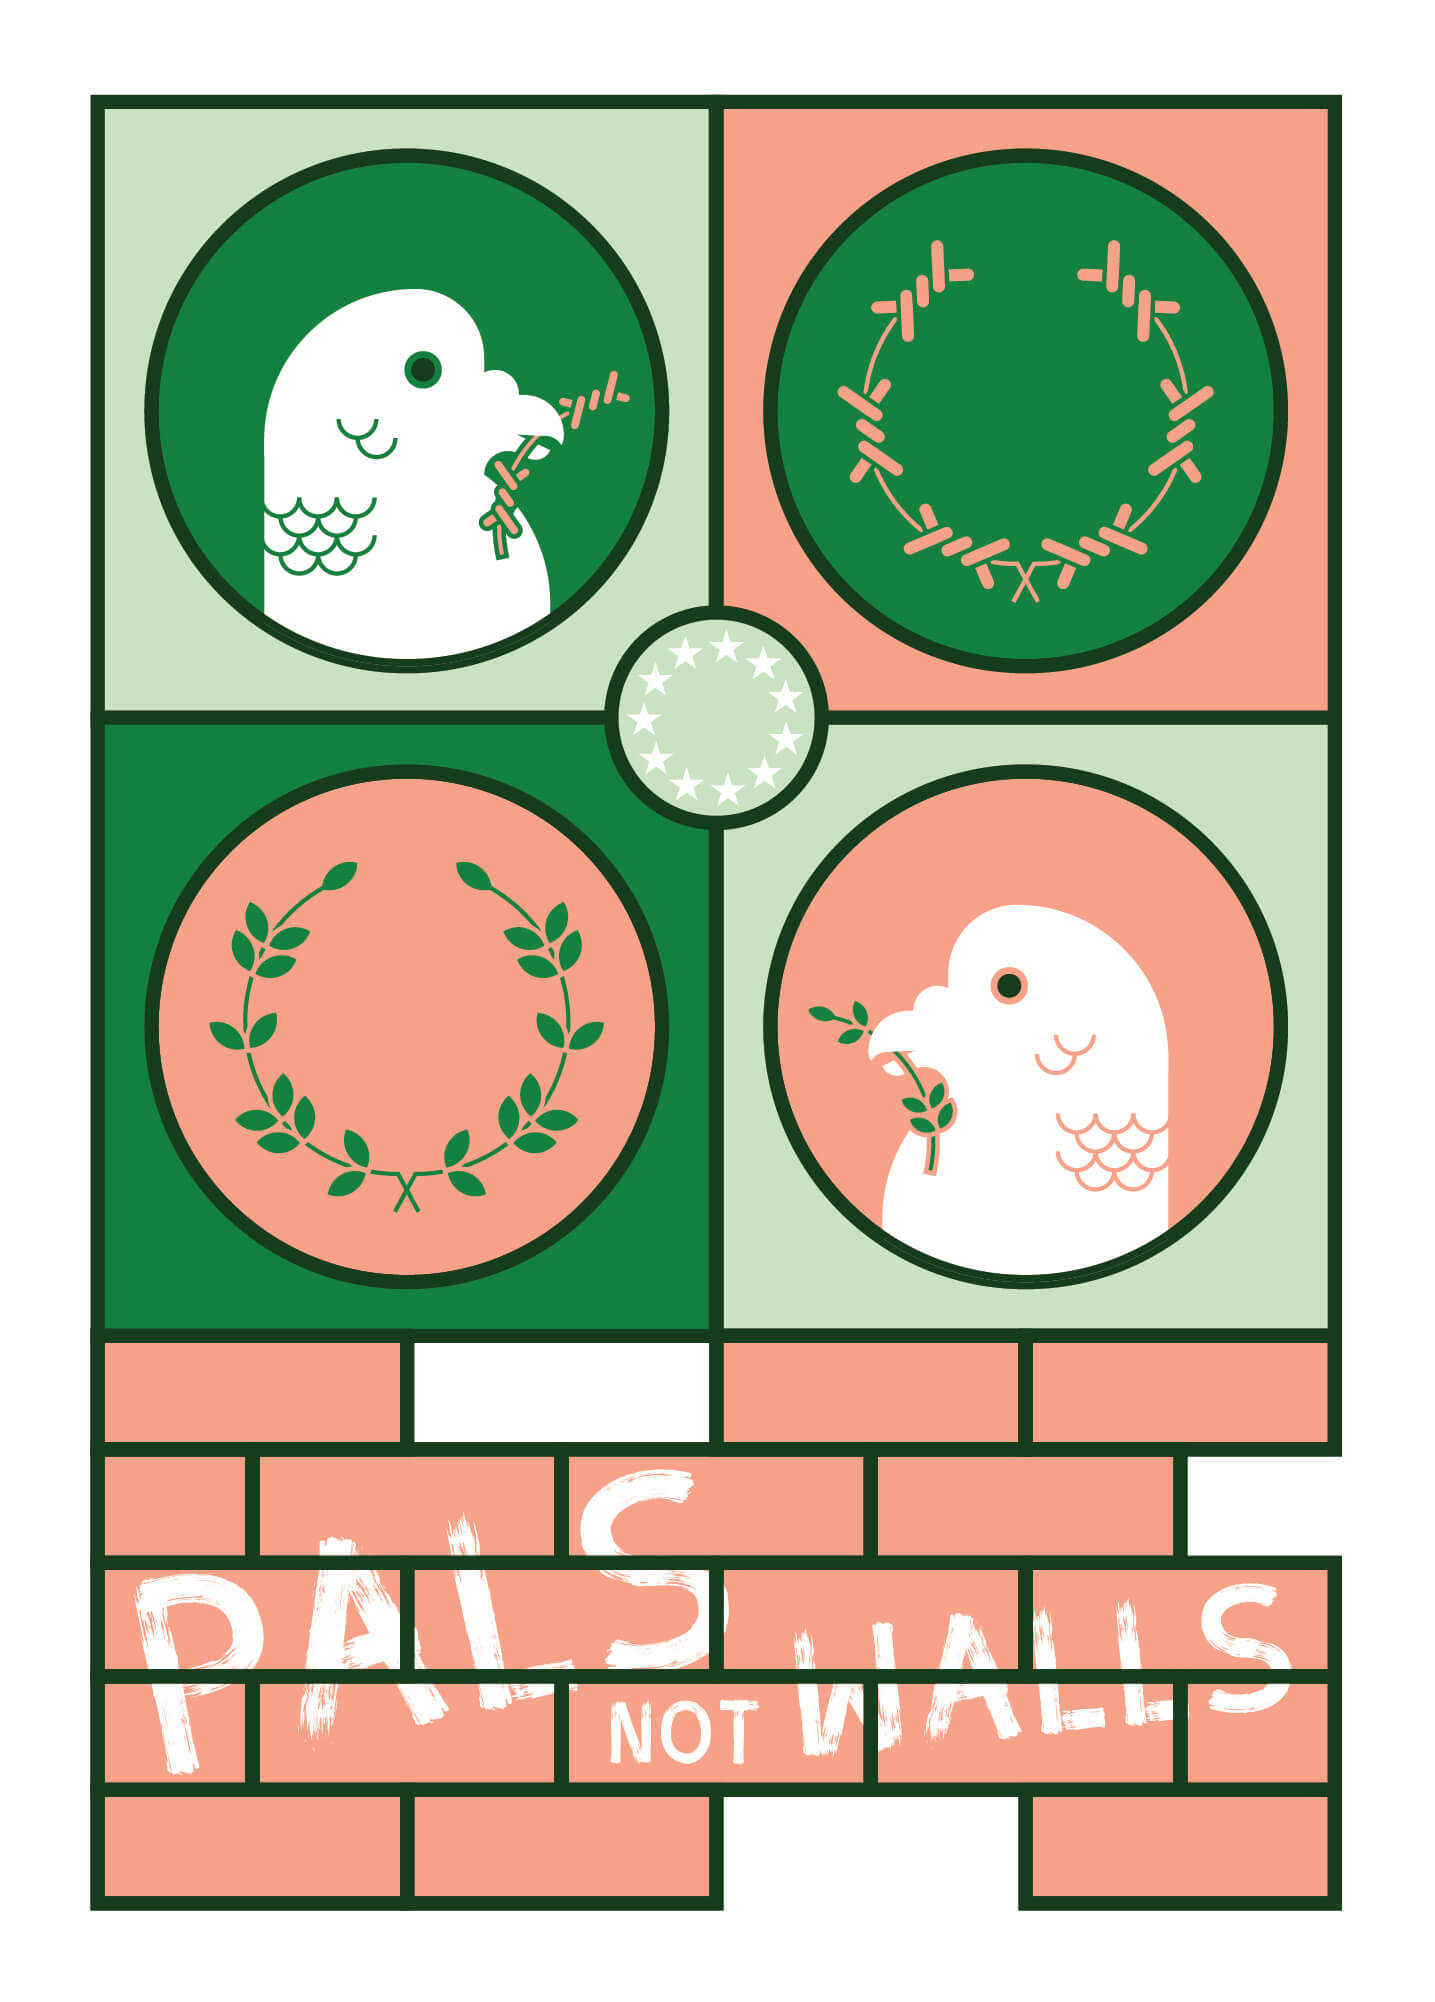 Walls vs Pals main image